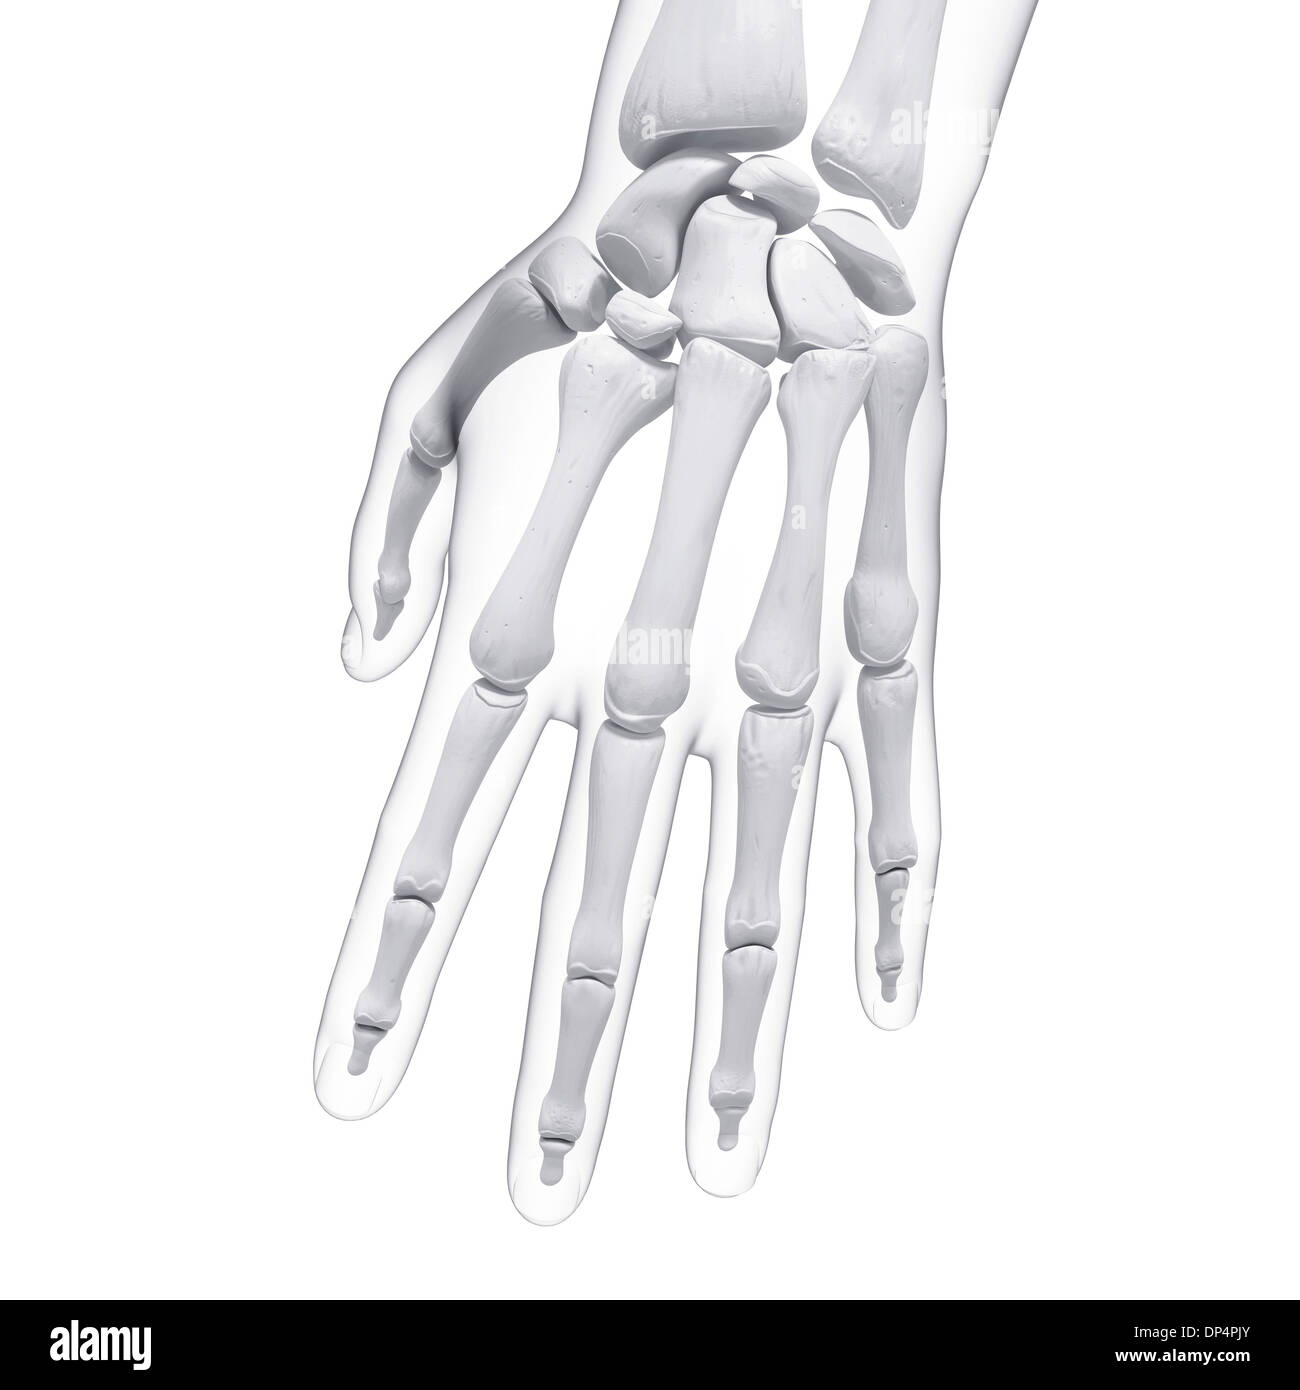 Großartig Menschliche Hand Knochenbau Fotos - Menschliche Anatomie ...